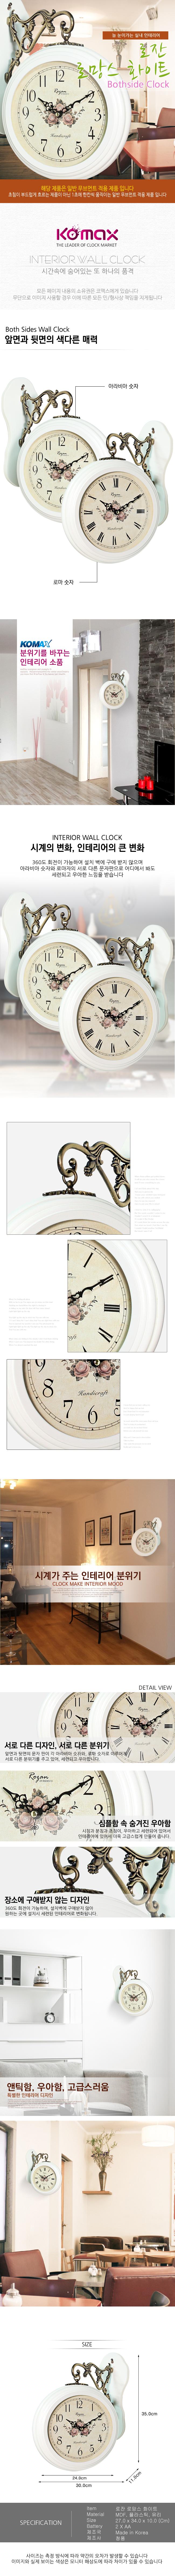 로잔 로맨스 화이트 양면벽시계 - 코맥스, 63,300원, 양면시계, 앤틱